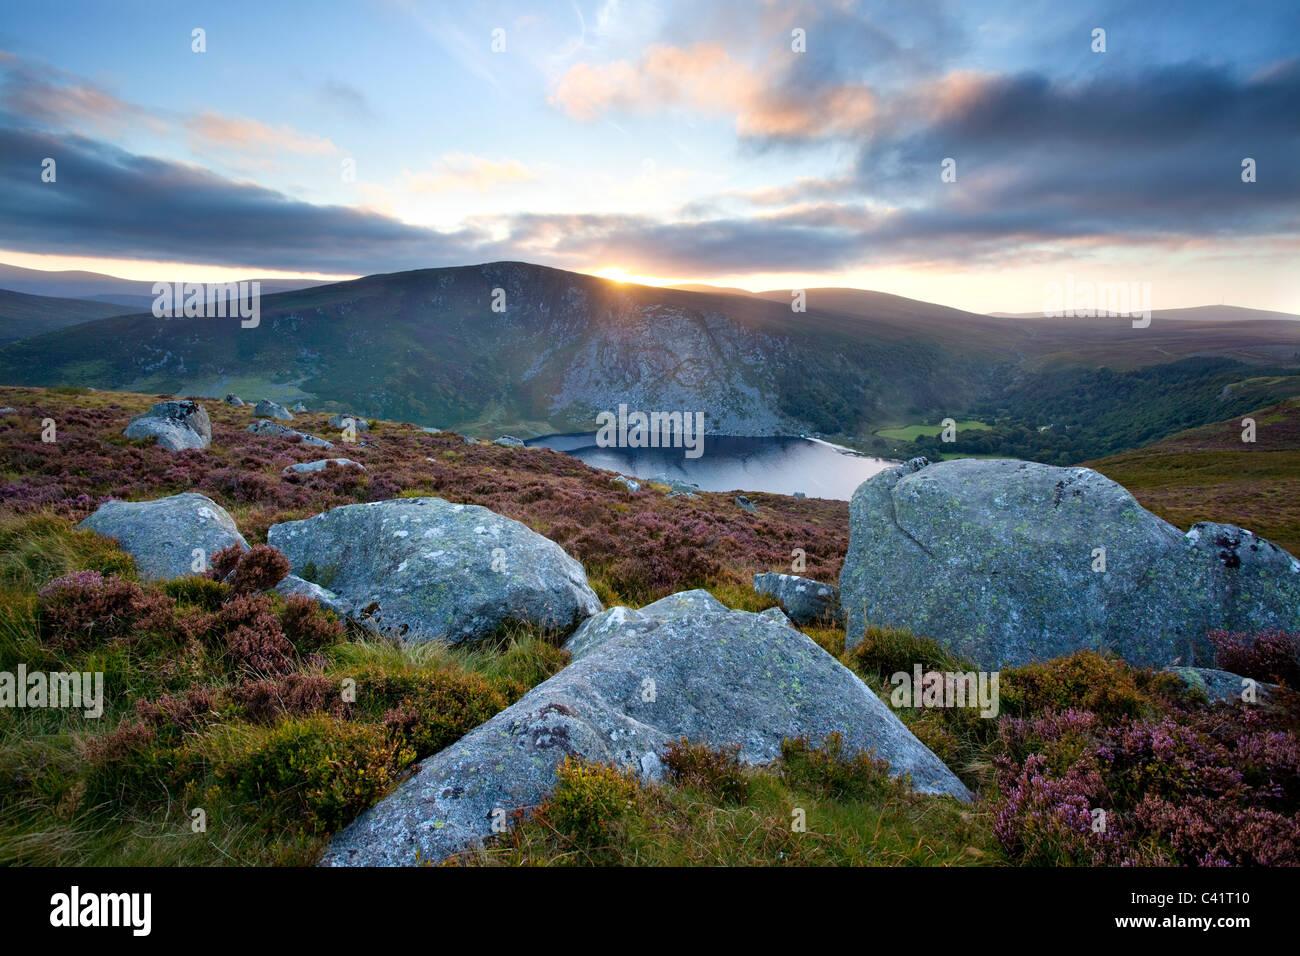 Atardecer en Lough Tay, Wicklow Mountains National Park, en el Condado de Wicklow, Irlanda. Imagen De Stock